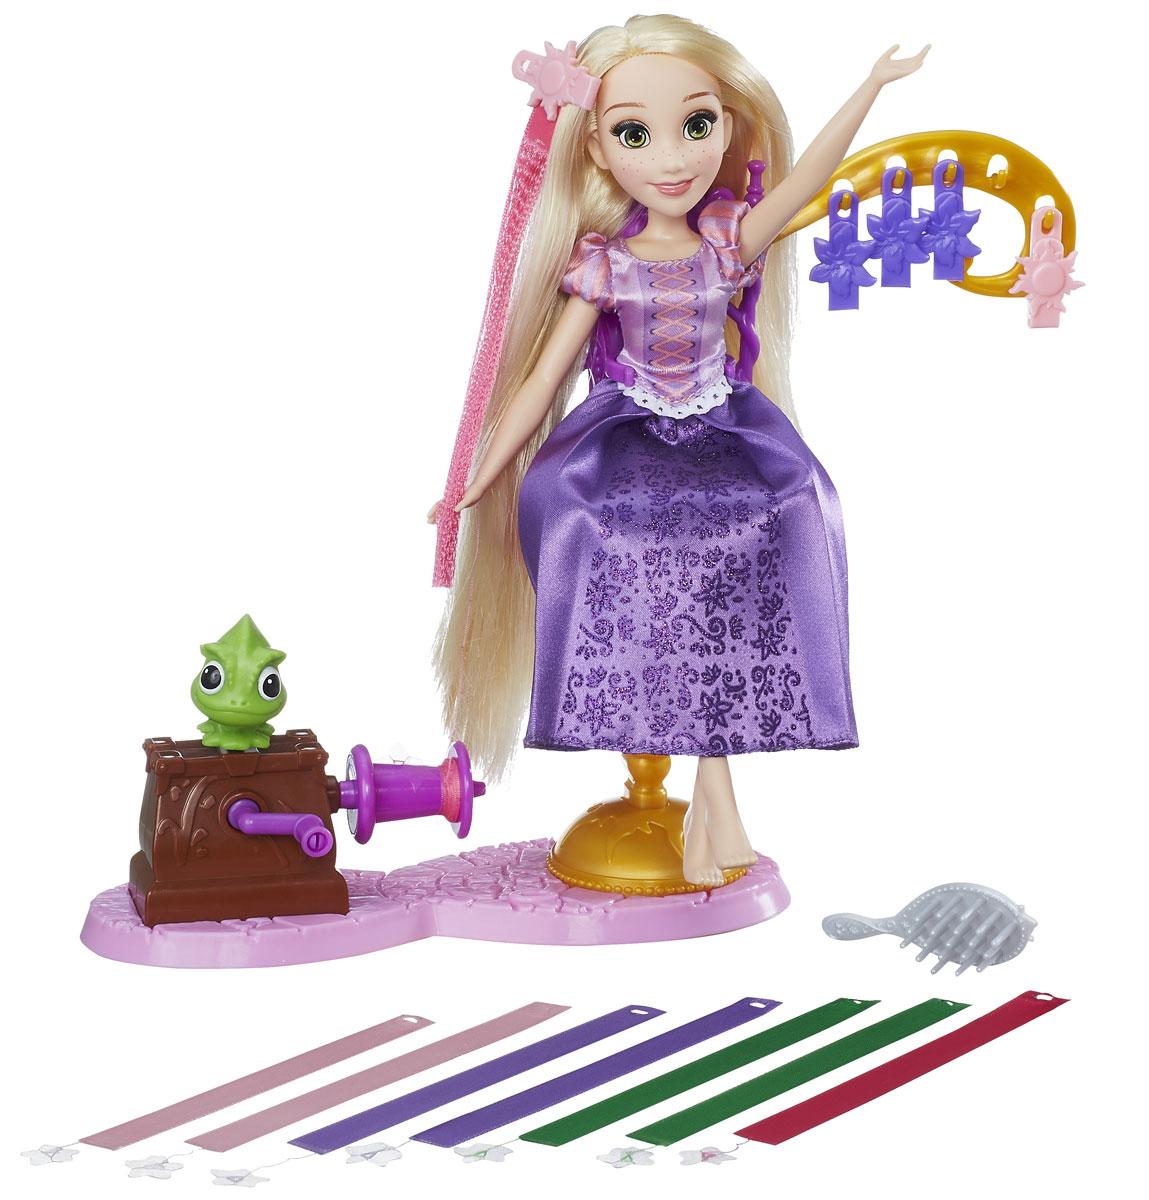 Disney Princess Игровой набор с куклой Королевский салон Рапунцель игровые наборы disney princess игровой набор моана в ассортименте